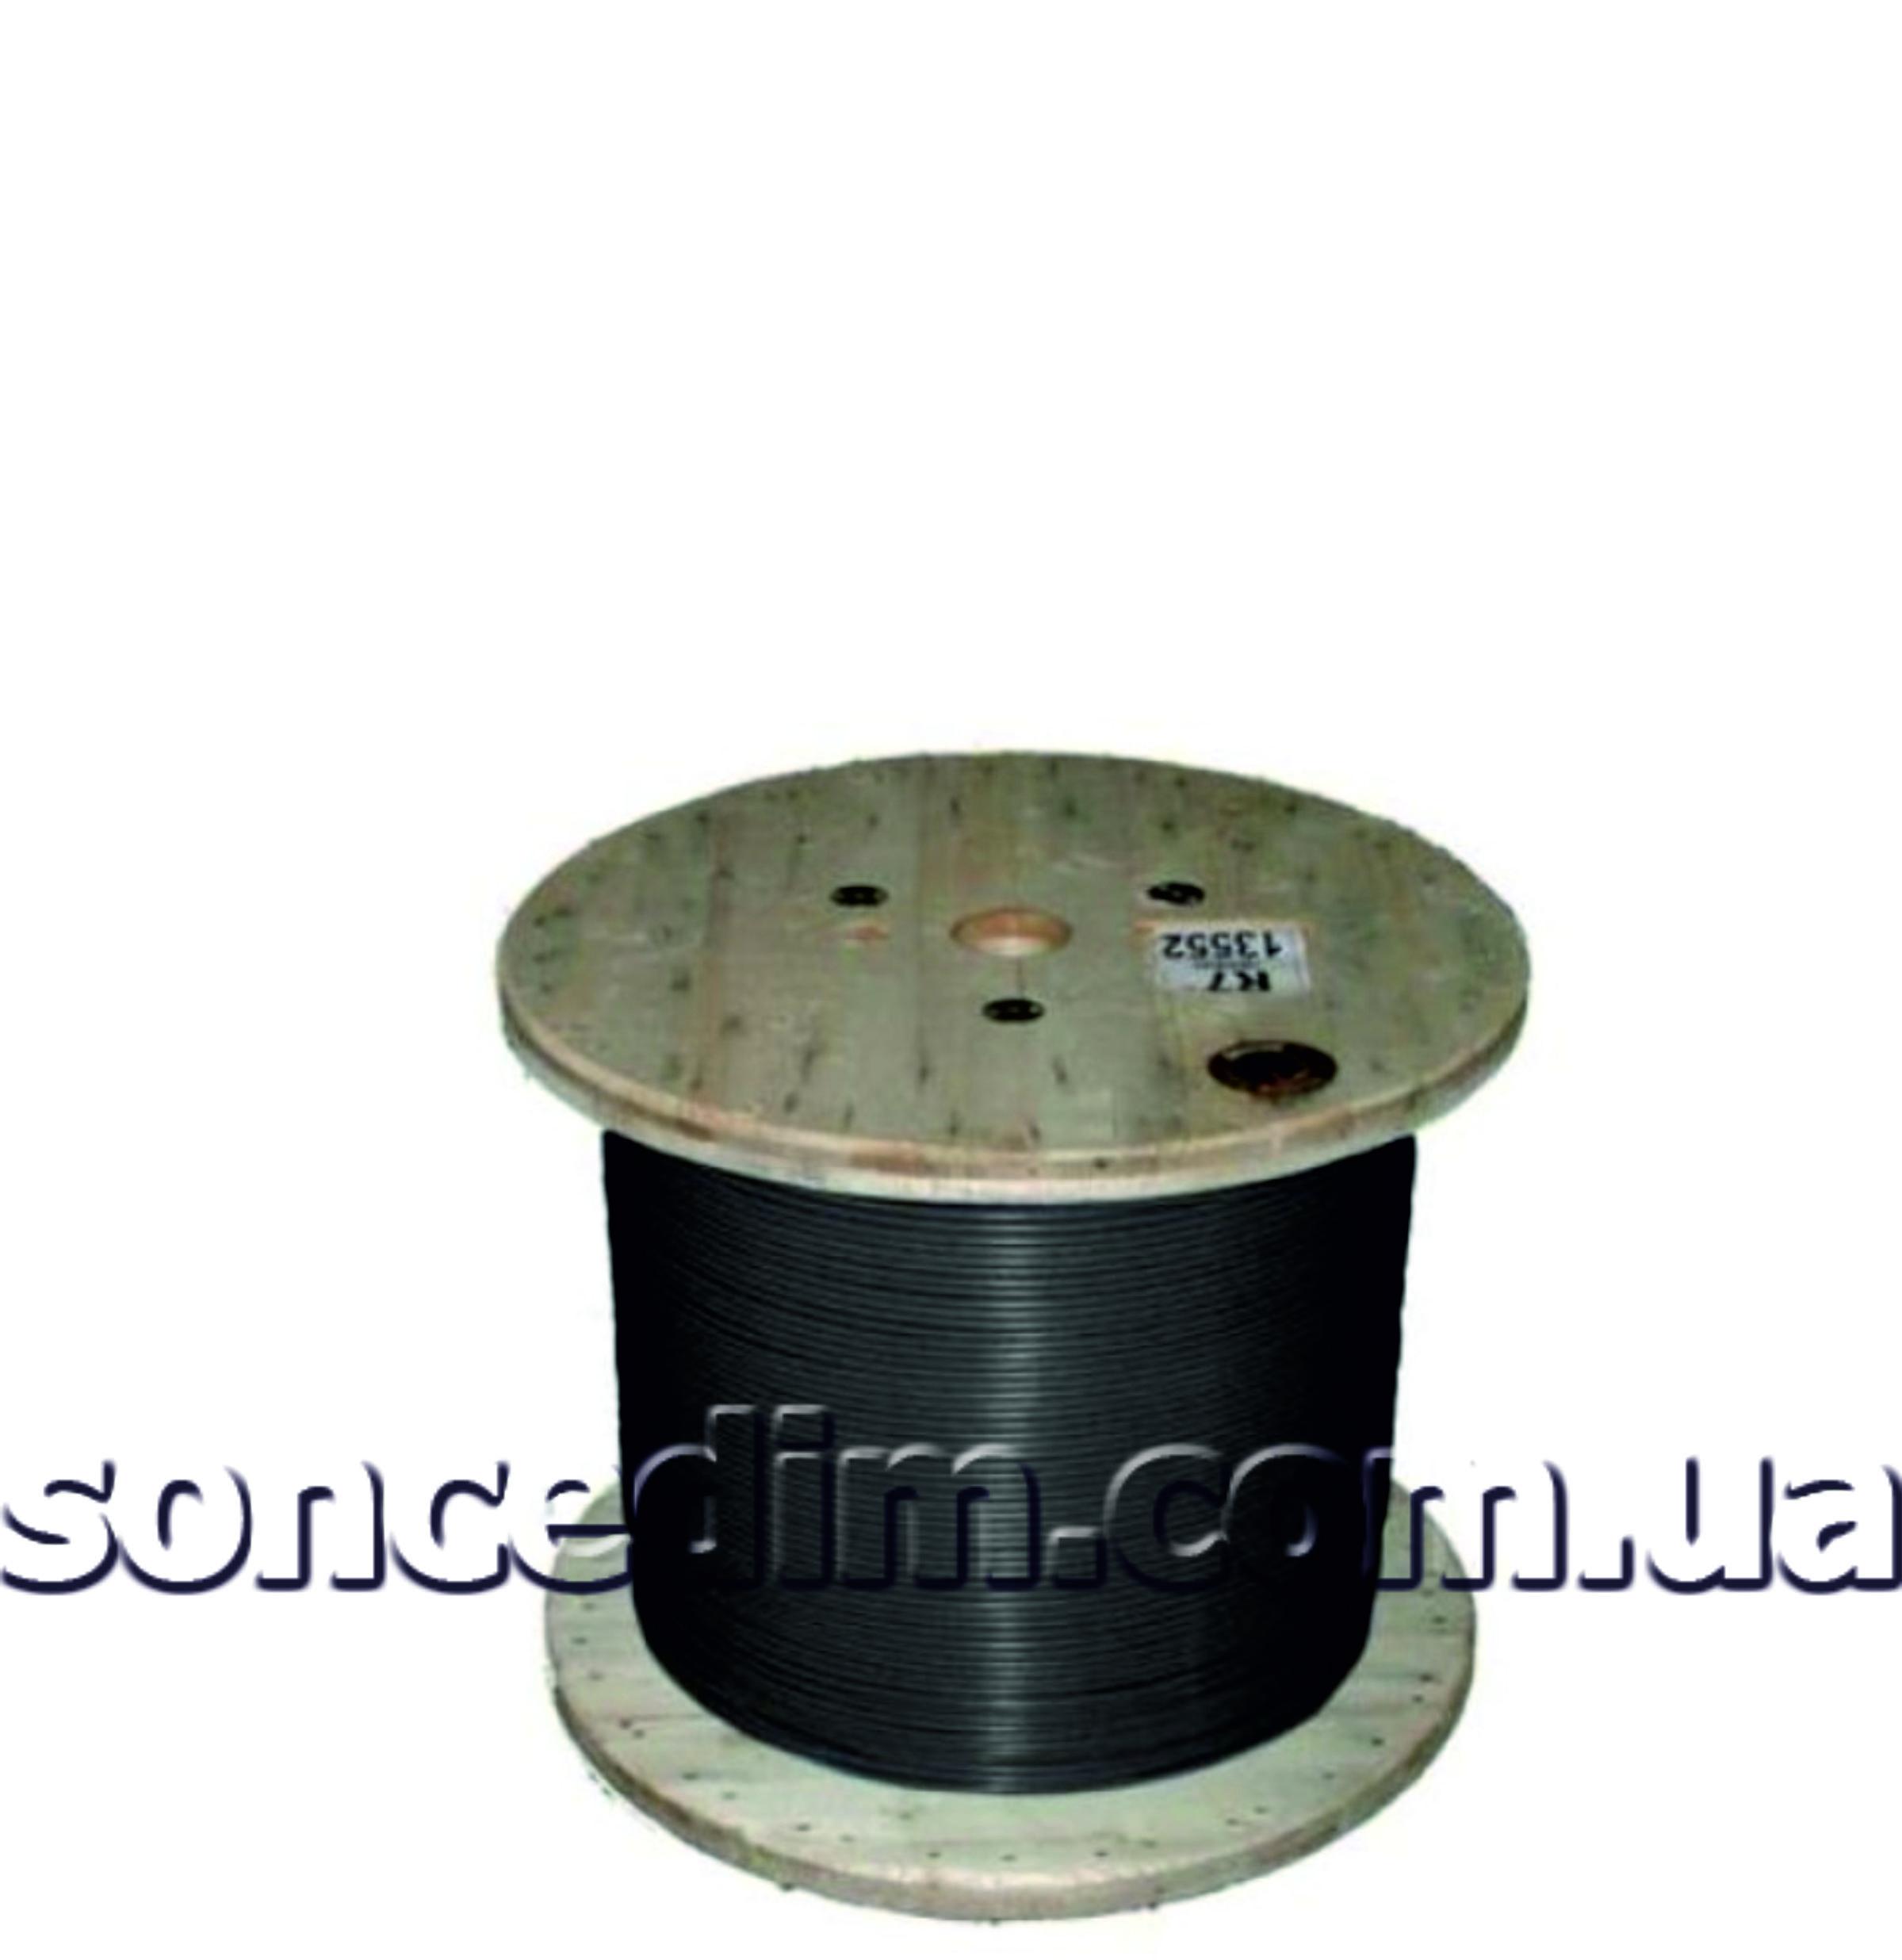 Одножильний нагрівальний кабель для обігріву дахів на барабанах з захисною алюмінієвою трубкою